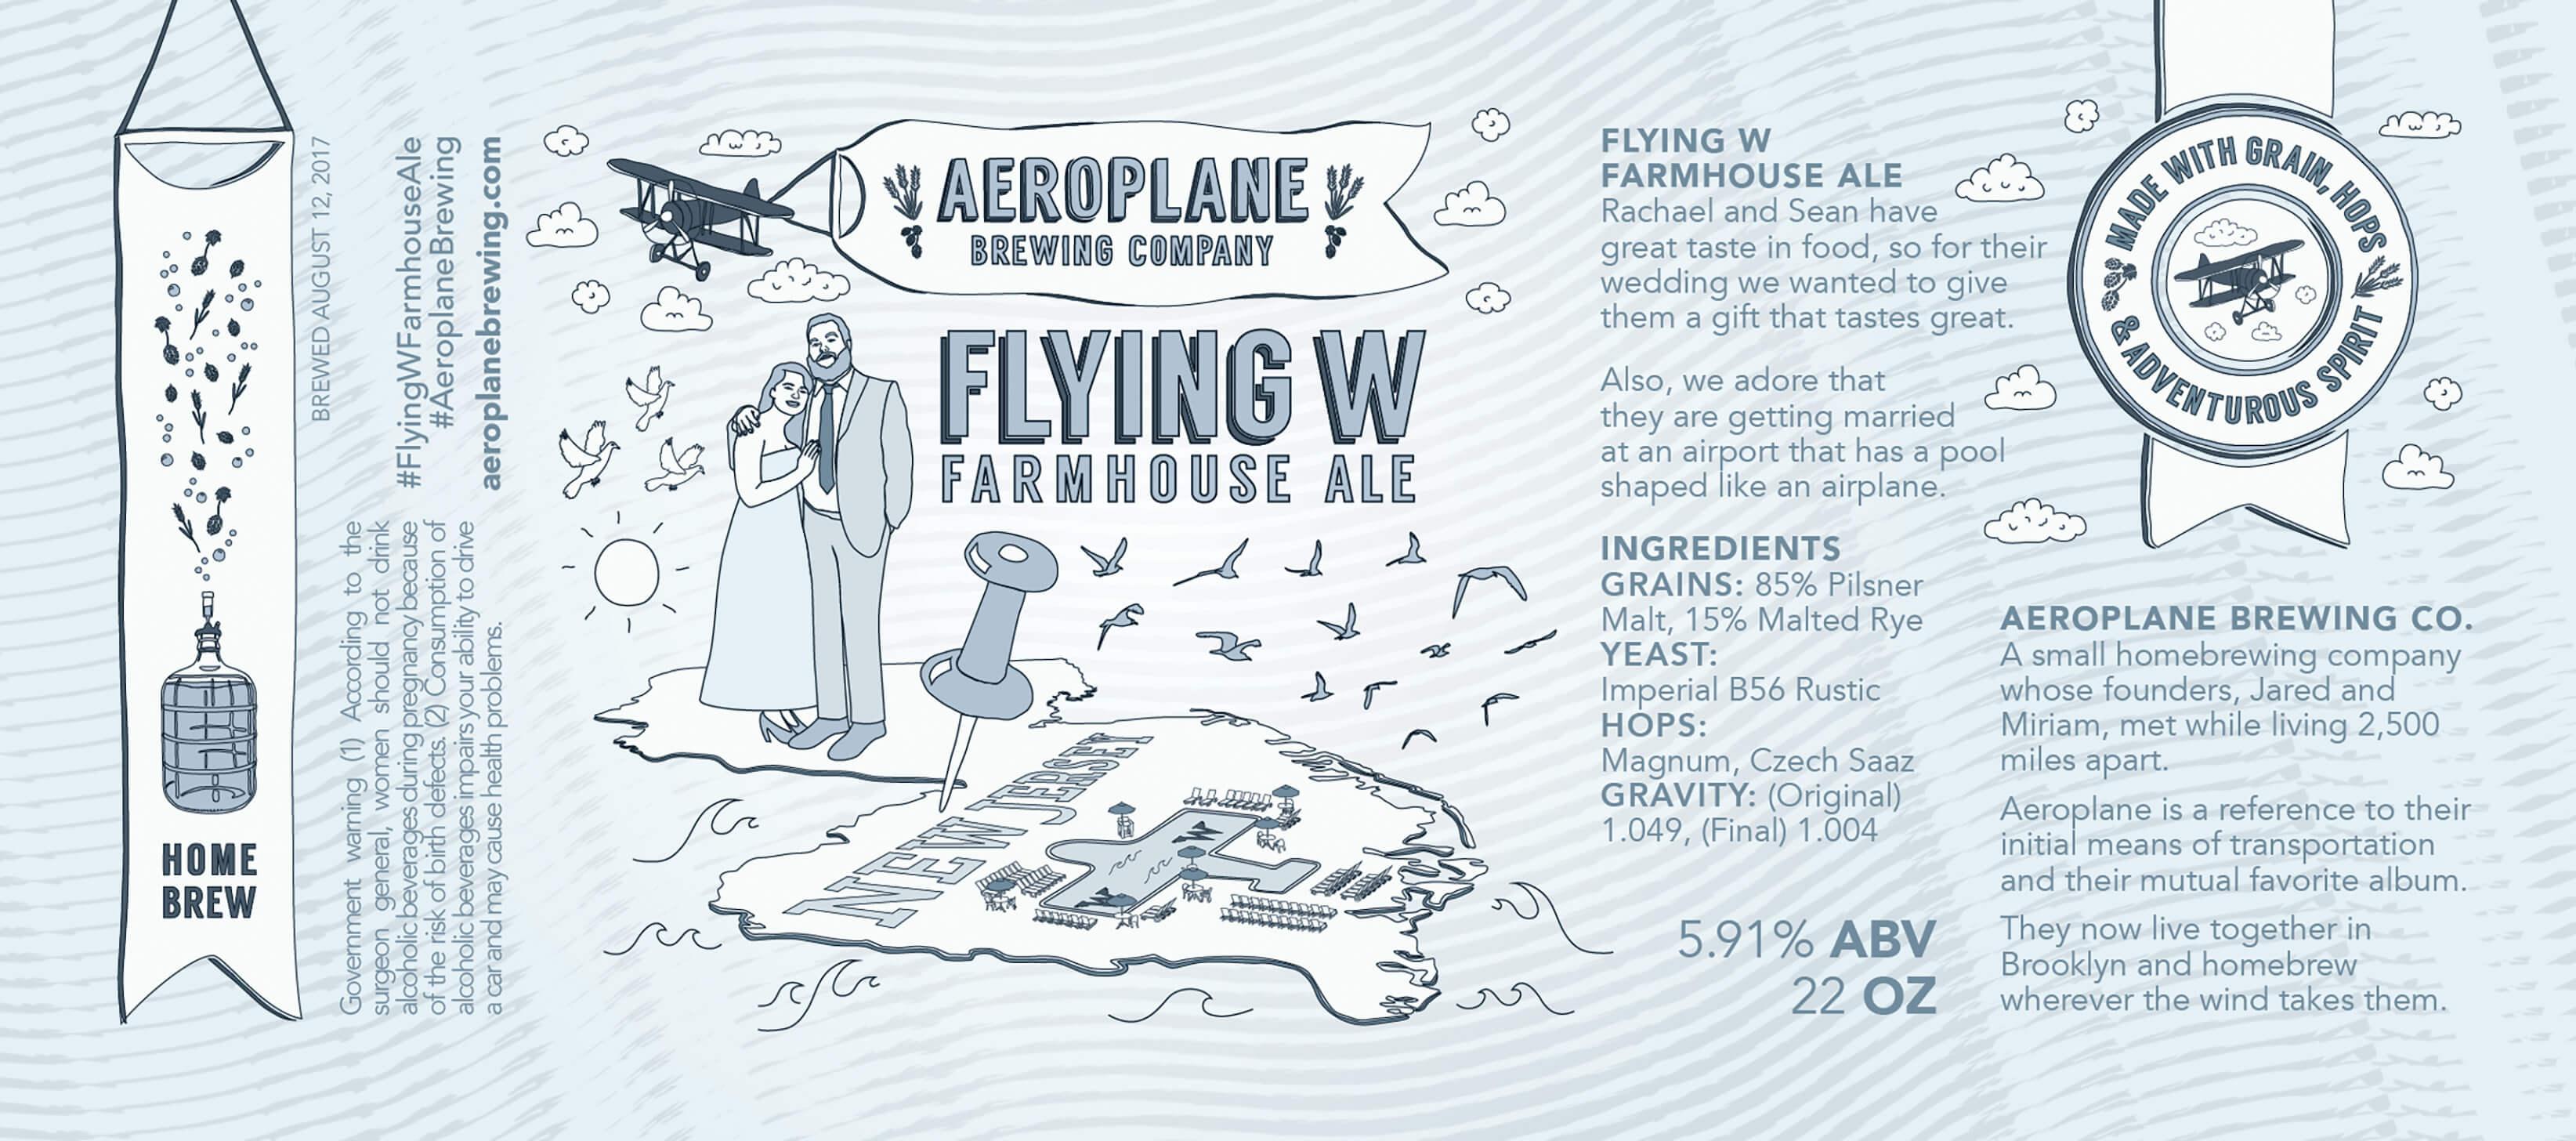 SEMPLICE_AEROPLANE_LABEL_NODROPSHADOW_112817_V4_0003_FLYING-W